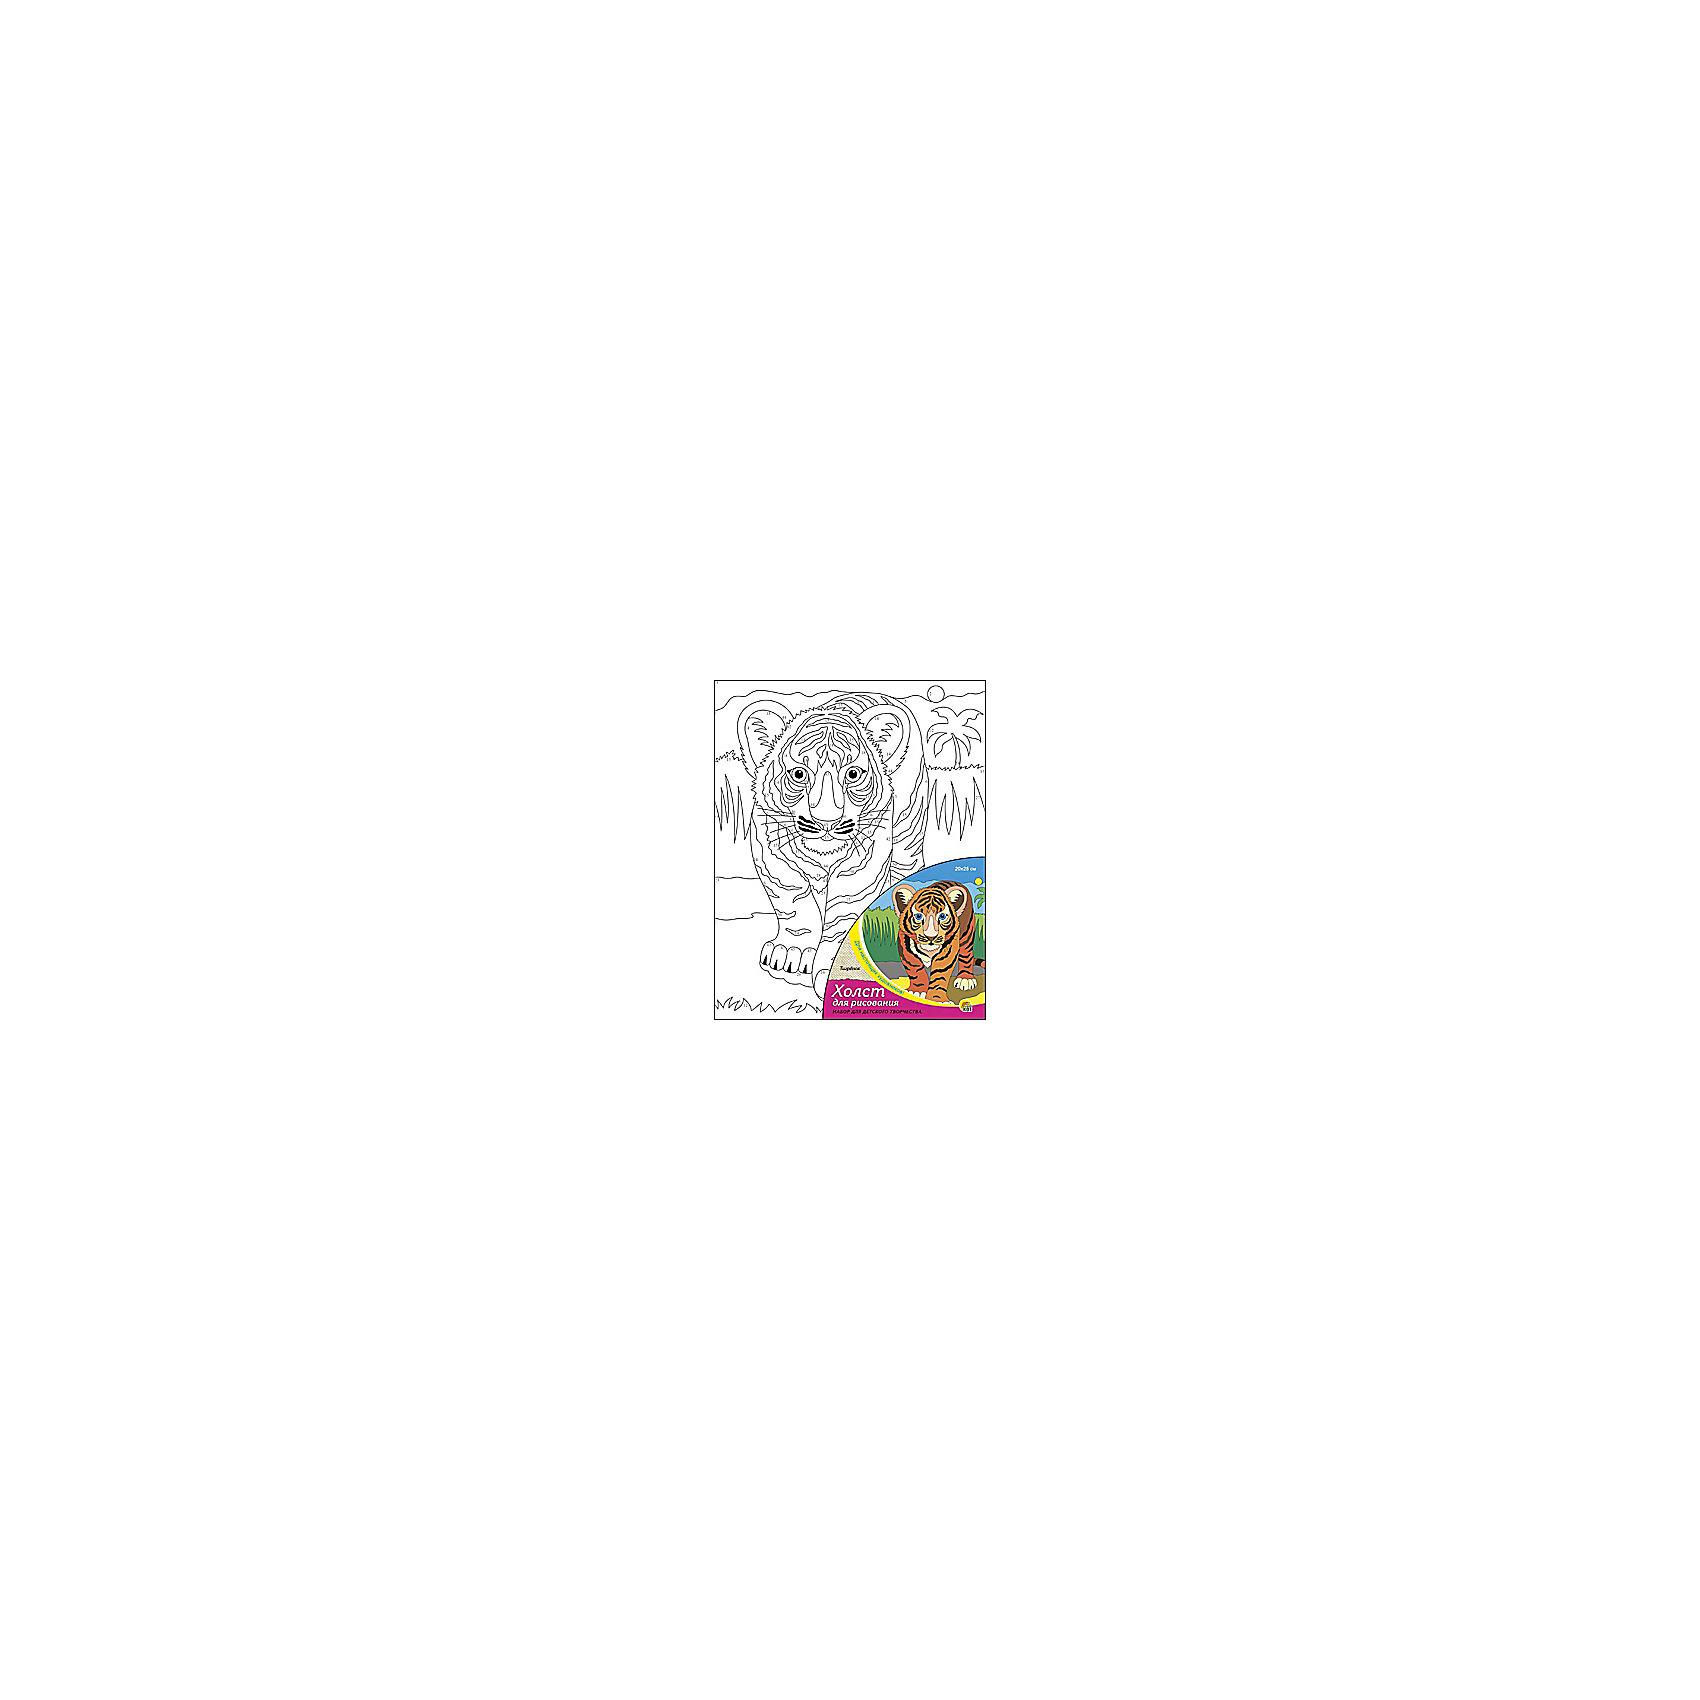 Холст с красками по номерам Тигрёнок, 20х25 смРисование<br>Тигренок - набор для детского творчества. Ребенку предстоит раскрасить холст с нанесенным эскизом по номерам. Прекрасно развивает аккуратность, внимание и усидчивость. Такой набор обязательно понравится начинающим художникам!<br><br>Дополнительная информация:<br>В наборе: холст-эскиз, 7 баночек с акриловой краской, кисточка<br>Размер: 20х1,5х25 см<br>Вес: 210 грамм<br>Вы можете приобрести набор Тигренок в нашем интернет-магазине.<br><br>Ширина мм: 250<br>Глубина мм: 15<br>Высота мм: 200<br>Вес г: 210<br>Возраст от месяцев: 36<br>Возраст до месяцев: 120<br>Пол: Унисекс<br>Возраст: Детский<br>SKU: 4939525